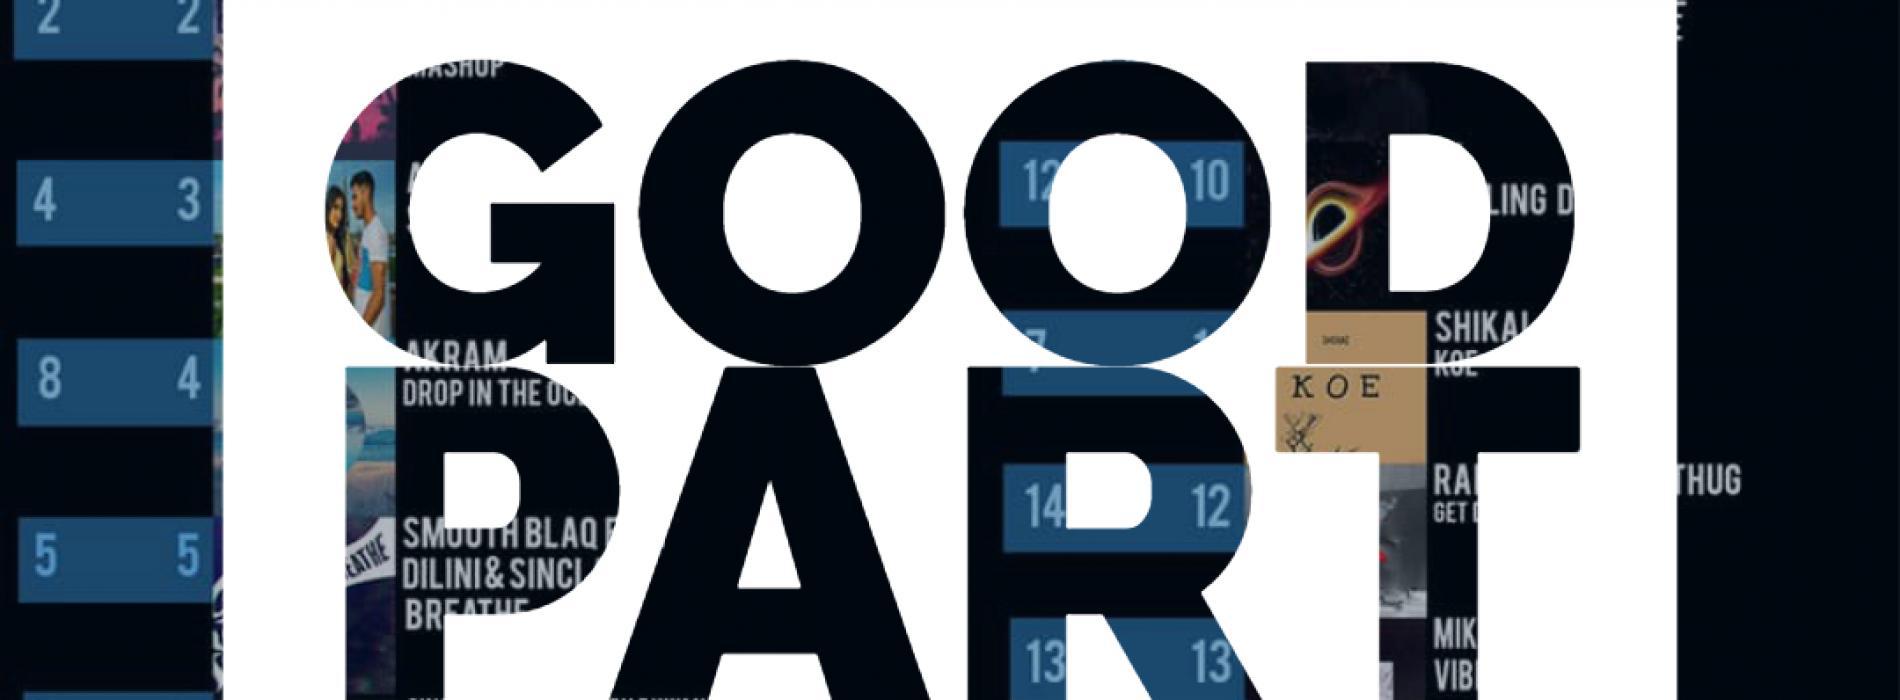 'Good Part' Still @ Number 1!